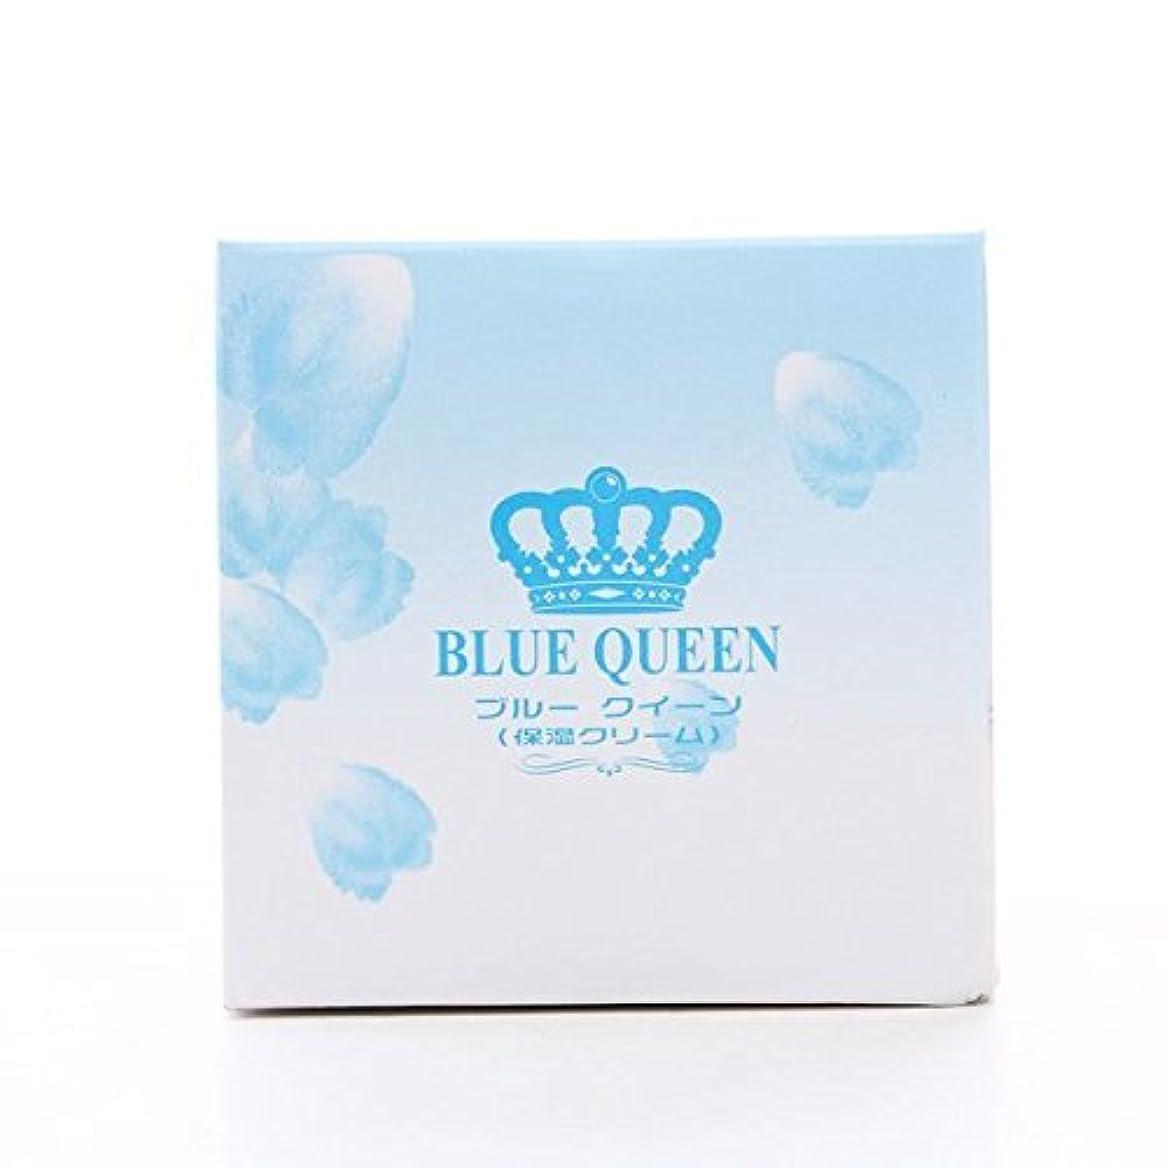 ブルー クイーン BLUE QUEEN